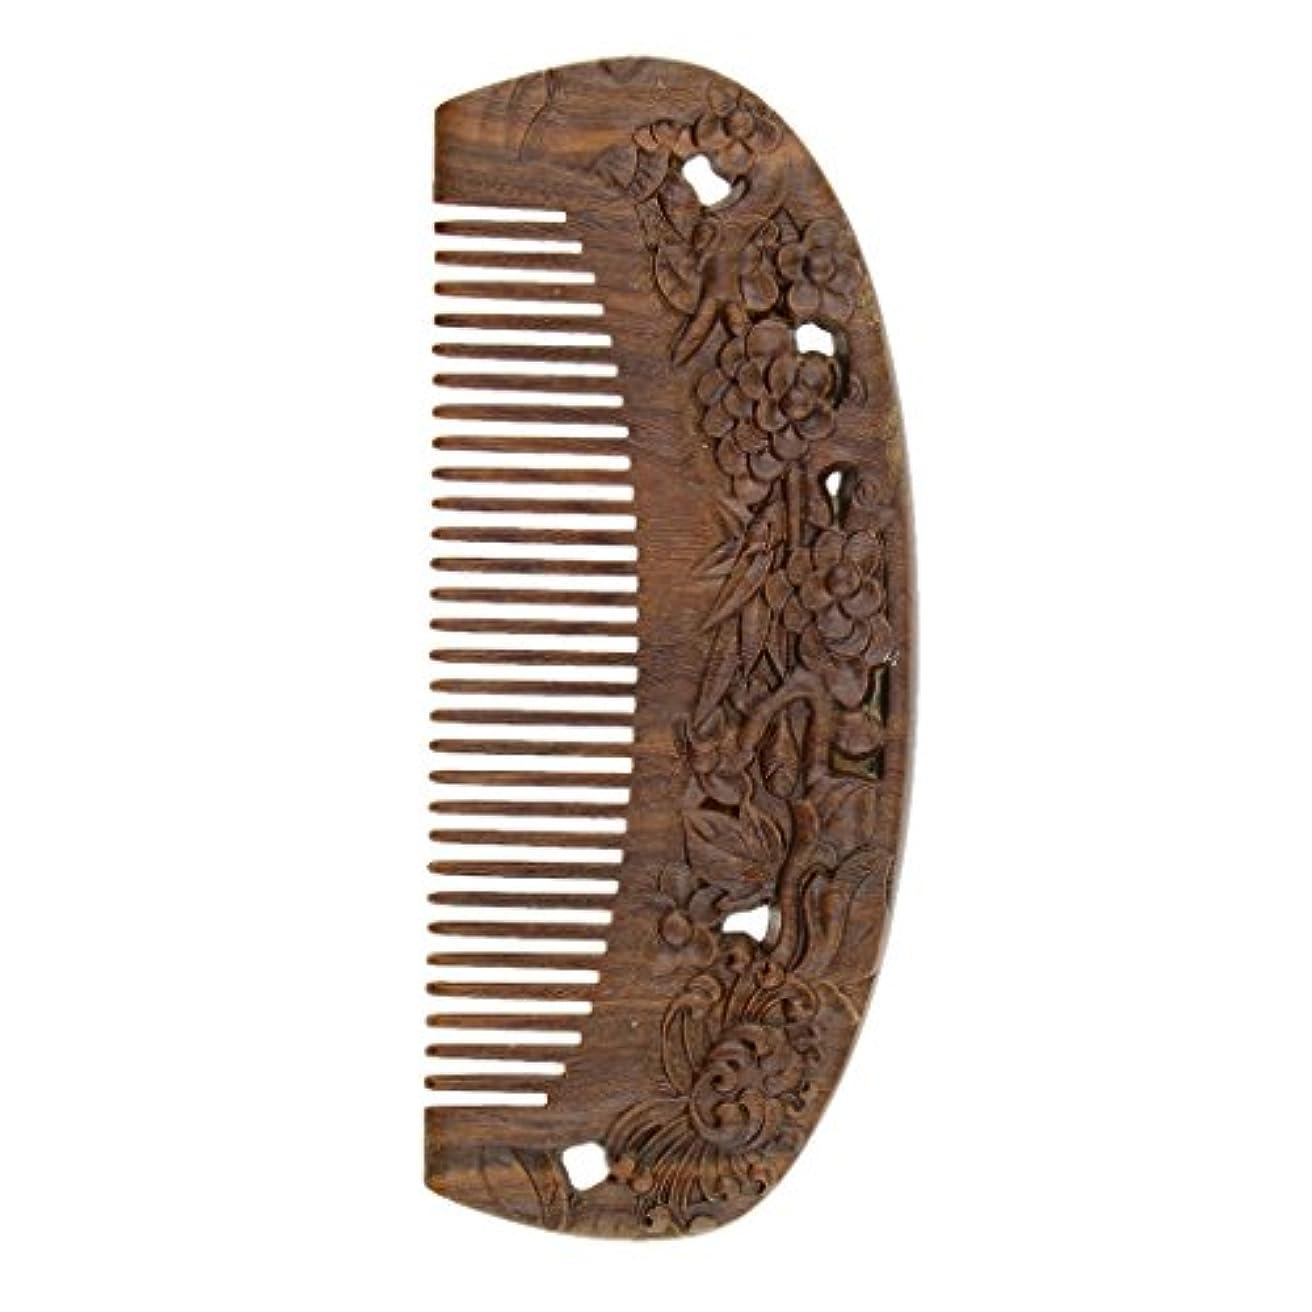 一元化する商人リダクターDYNWAVE ヘアスタイリング 木製コーム ウッドコーム ワイド歯 頭皮マッサージ ヘアブラシ 全2種類 - #2